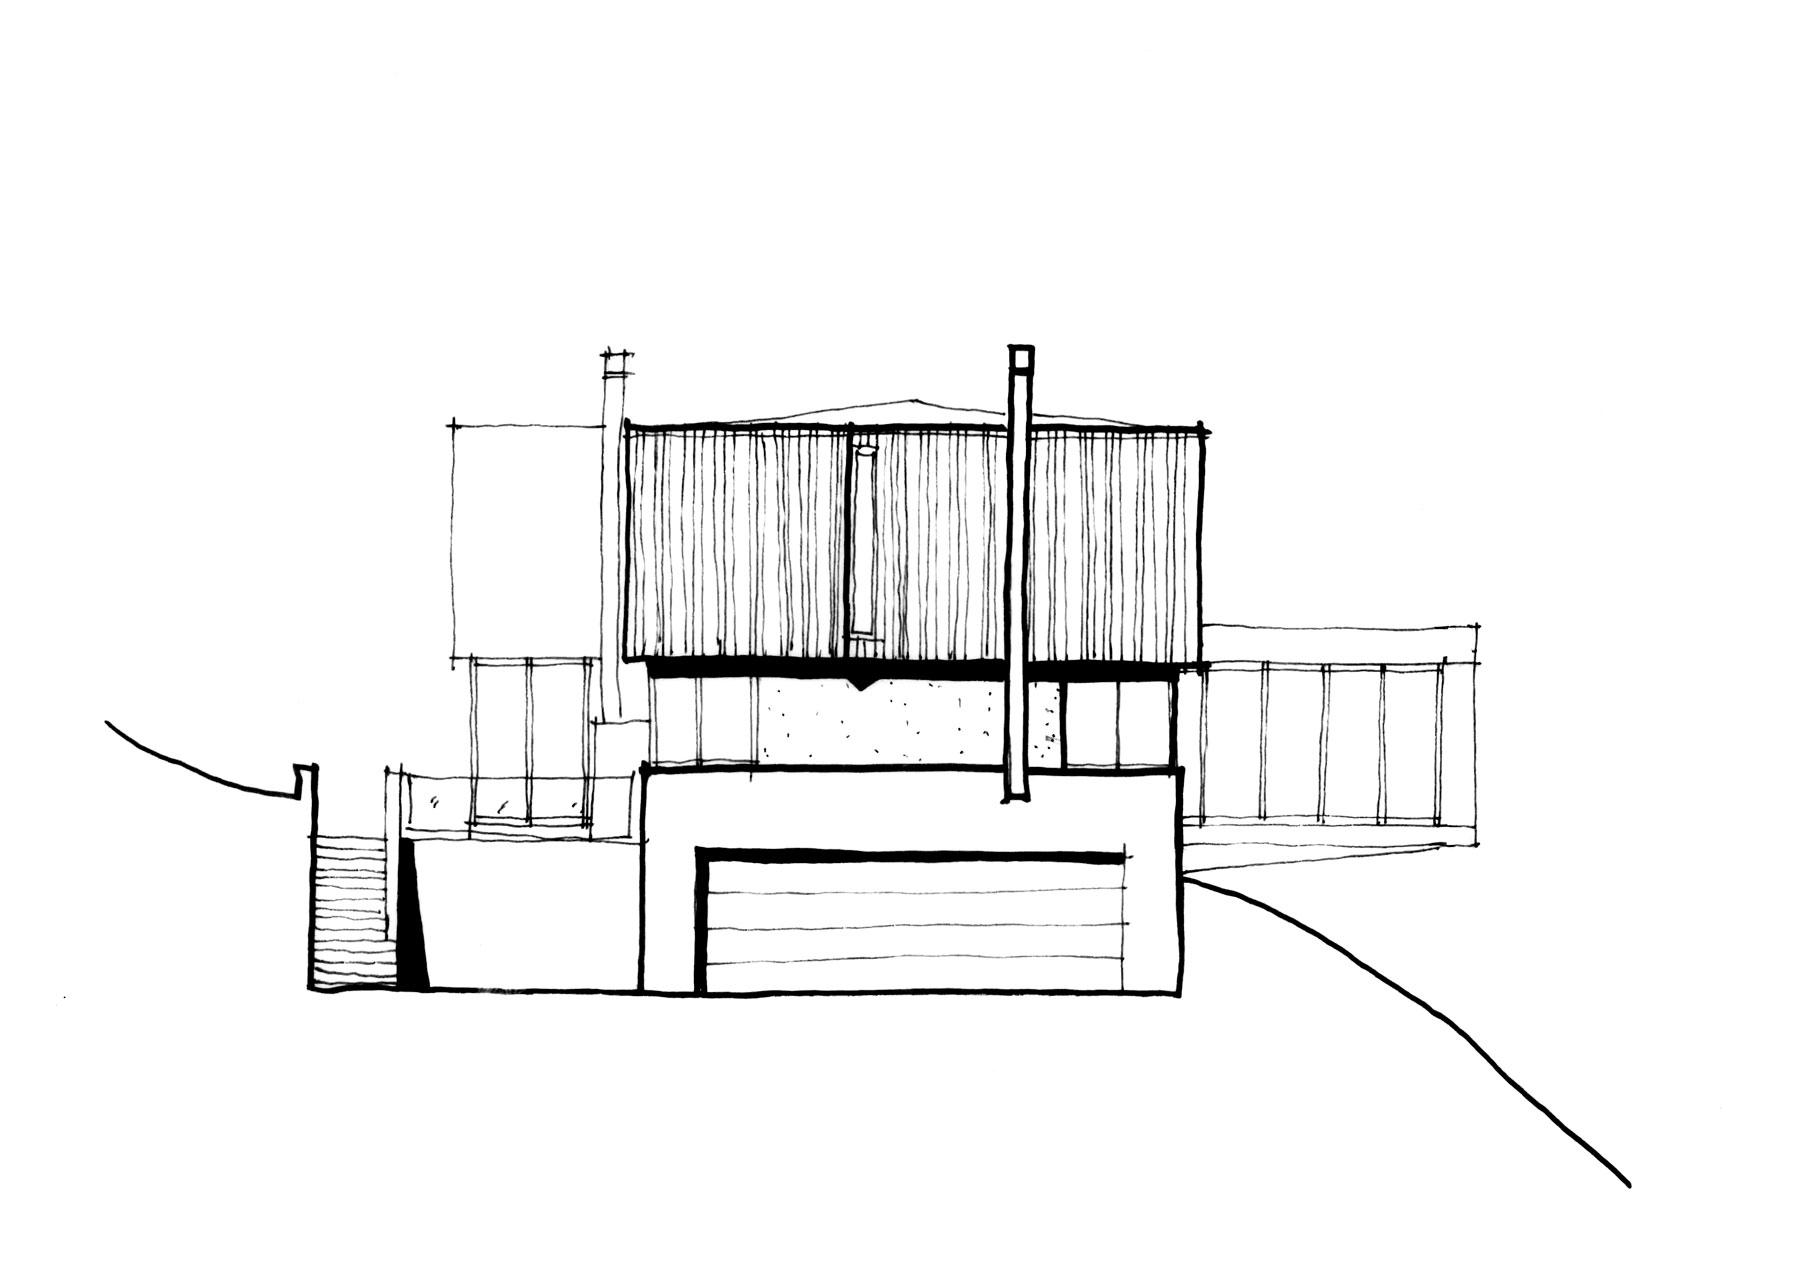 N-Leuschke-Kahn-Architects-Scan-7-.jpg